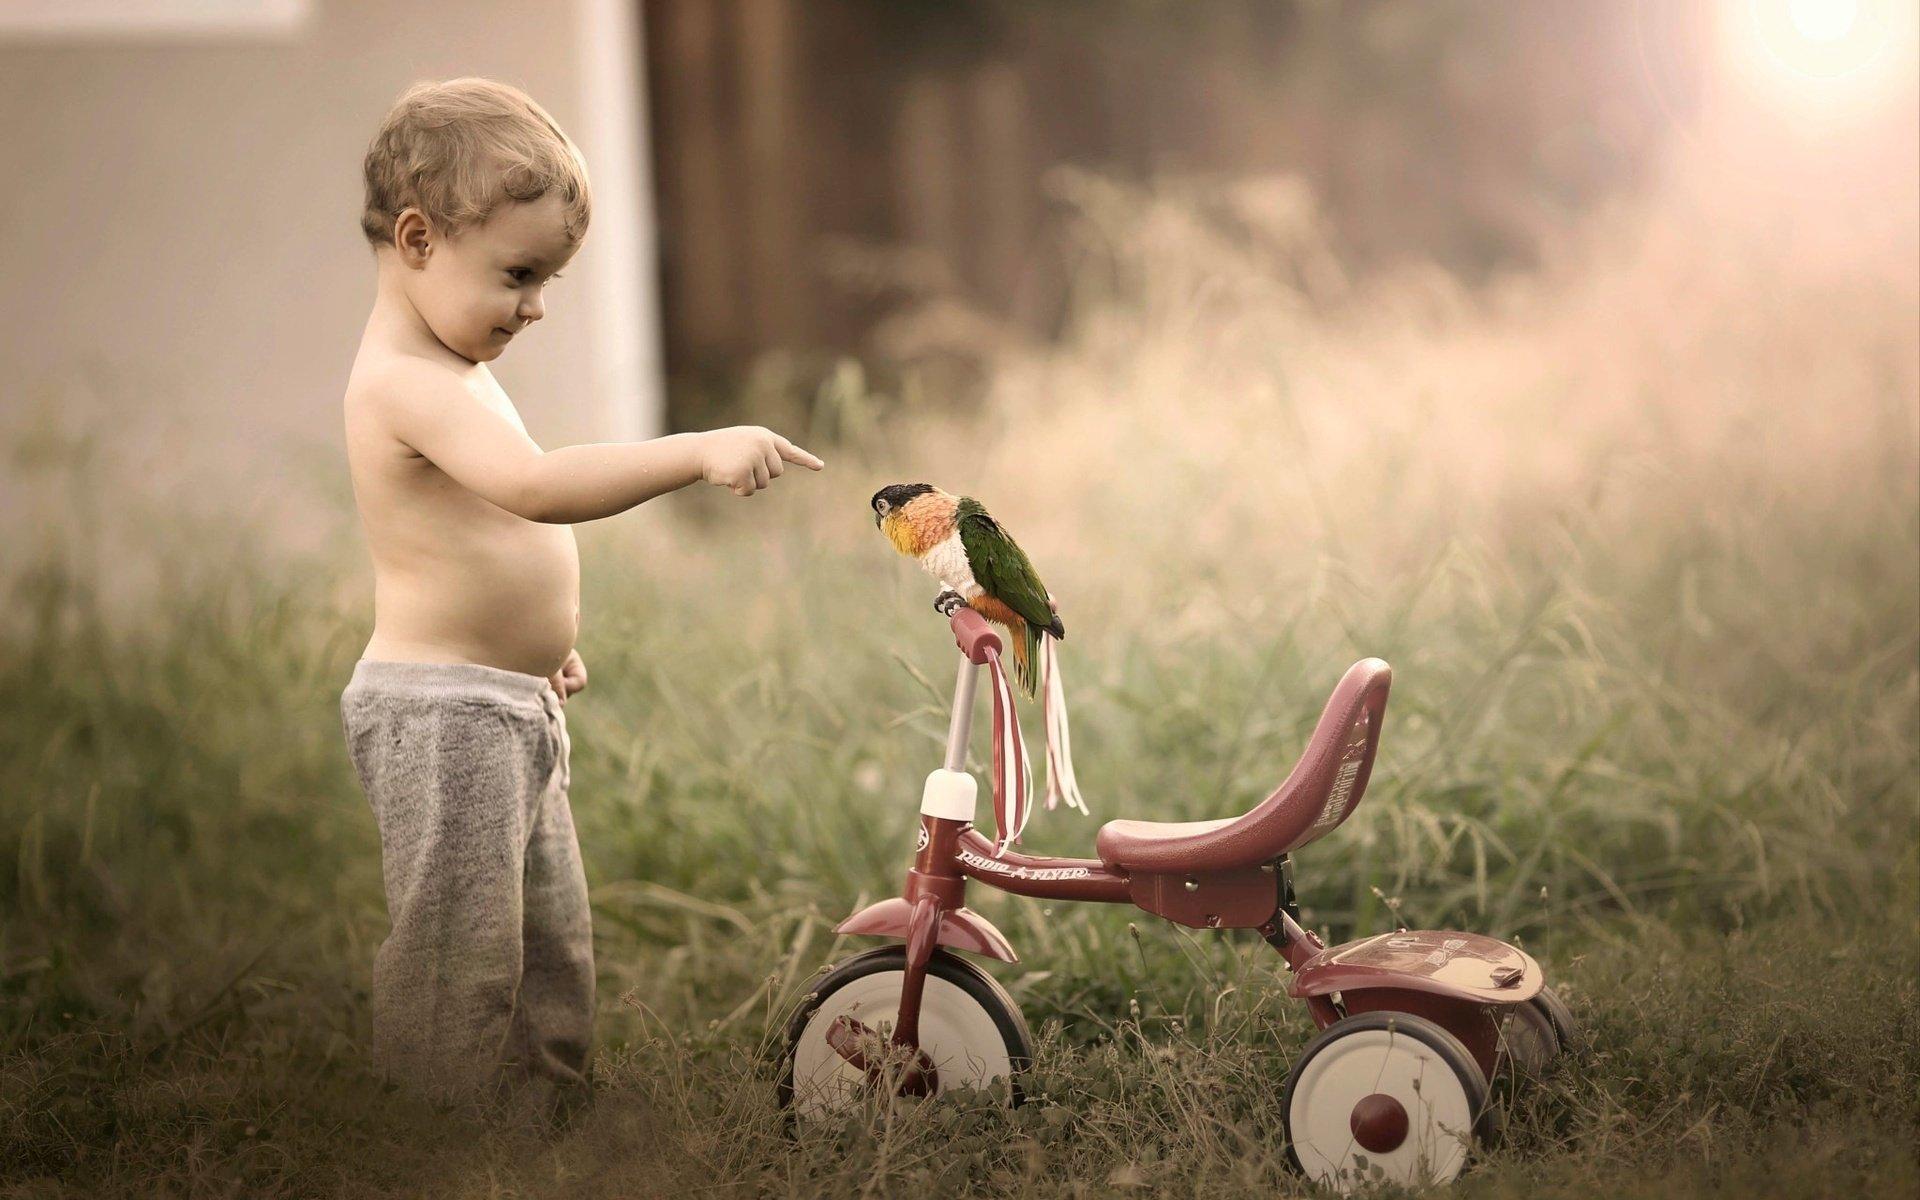 13 причин не покупать велосипед ребёнку на 1 год